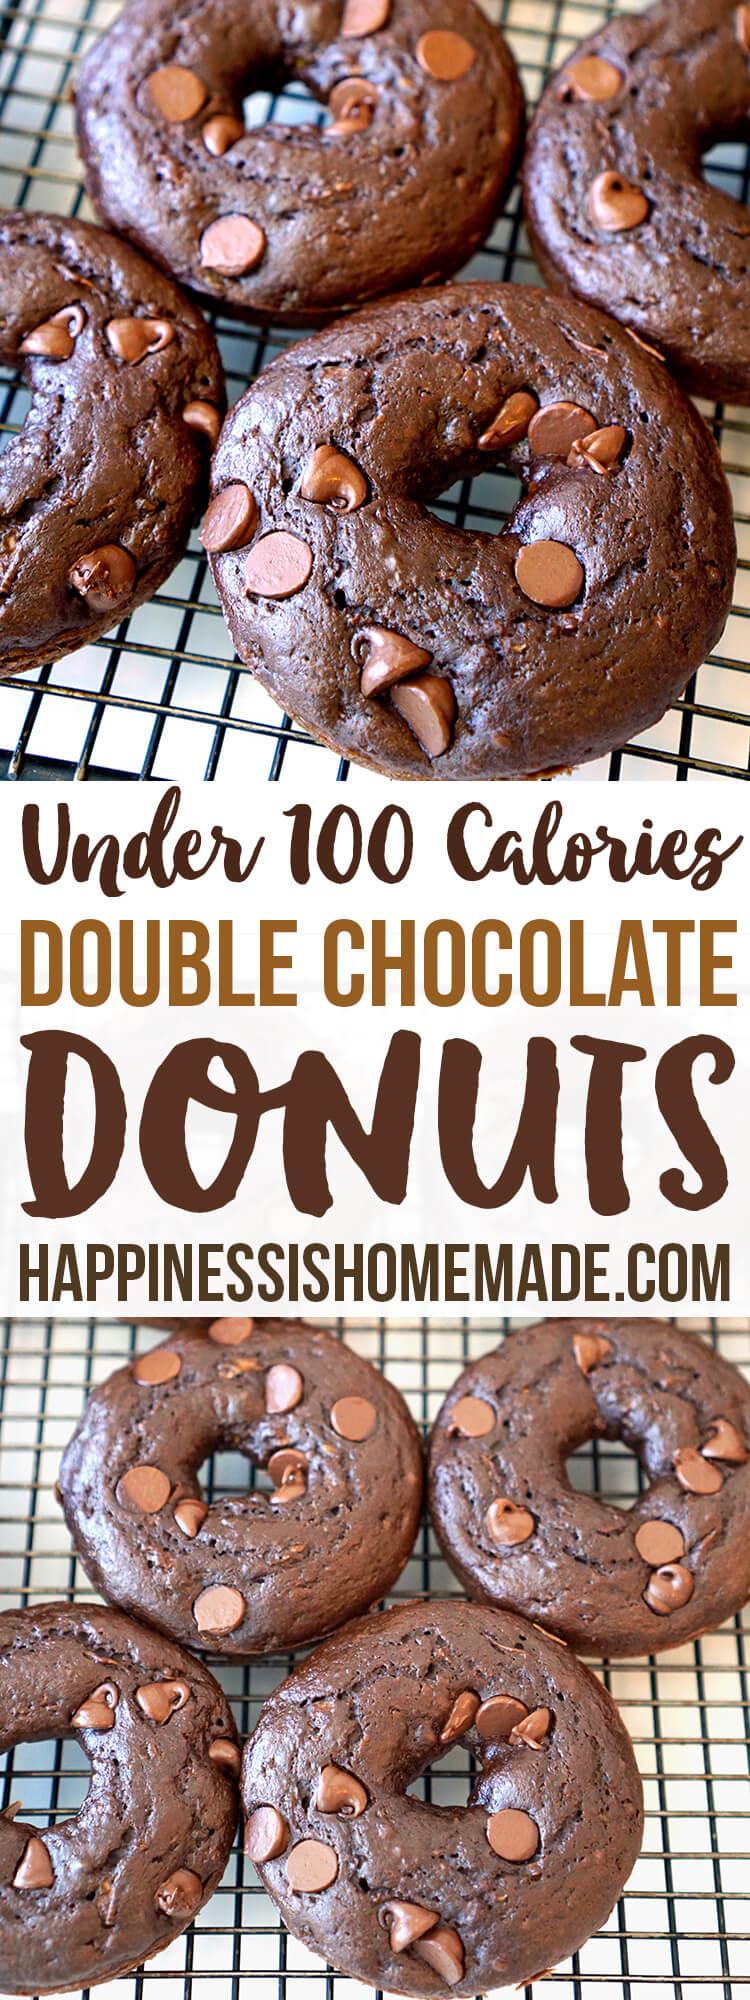 Http Www Happinessishomemade Net Double Chocolate Zucchini Cake Donuts